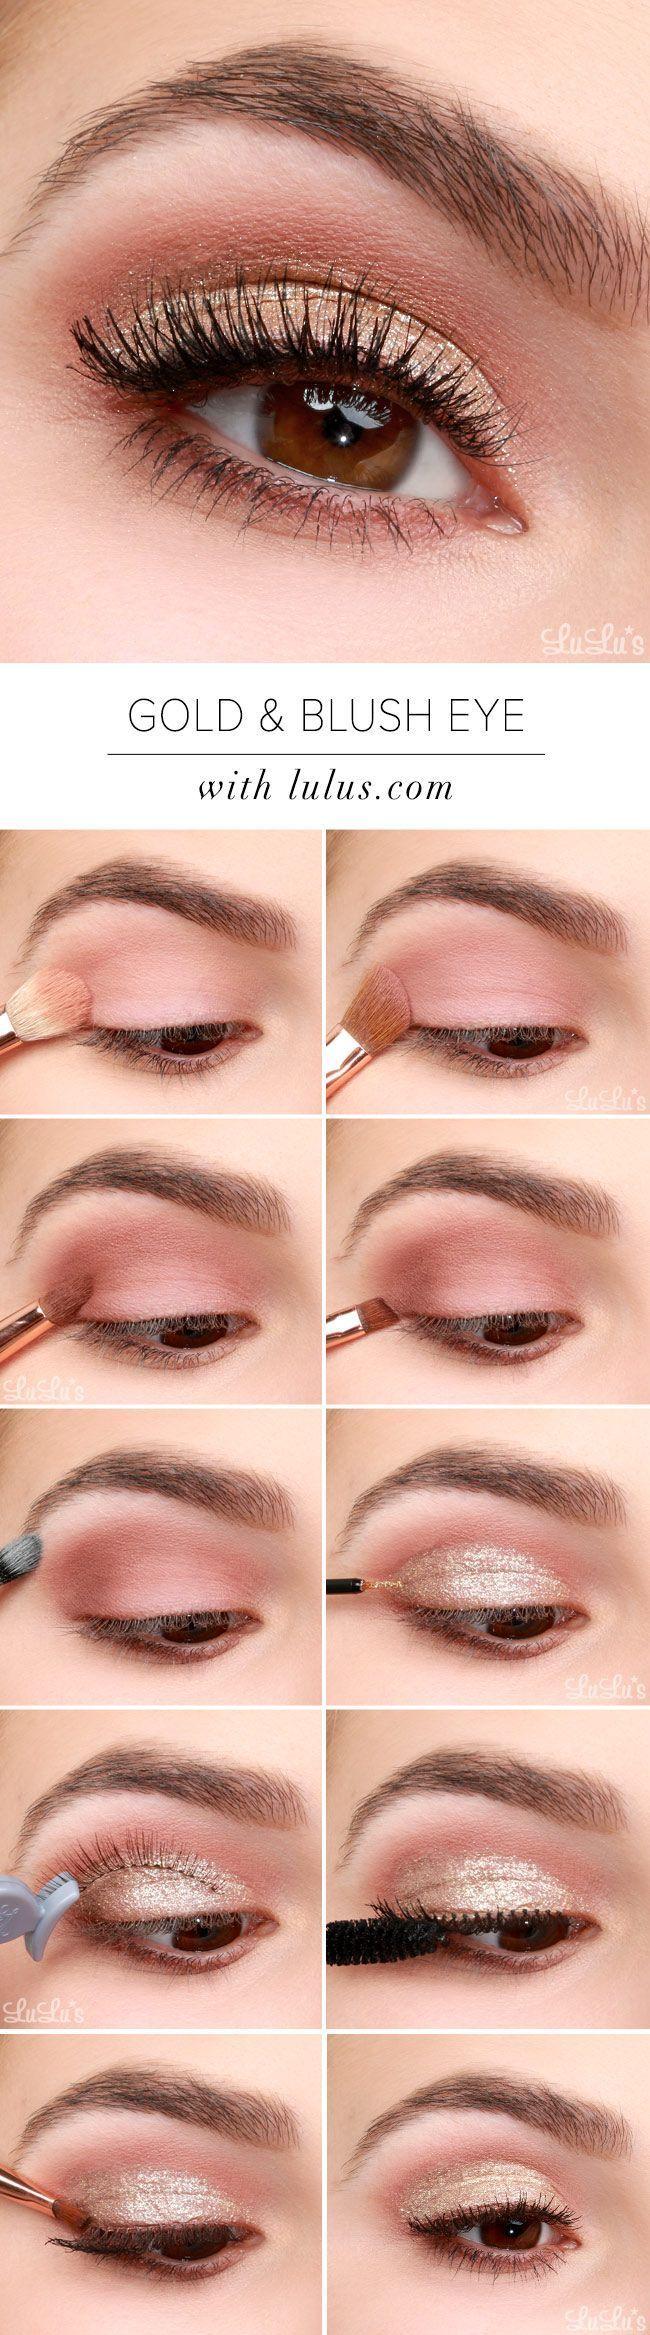 LuLu * s How-To: Lernprogramm für Augen und Make-up zum Valentinstag mit Gold und Blush auf LuLus.com